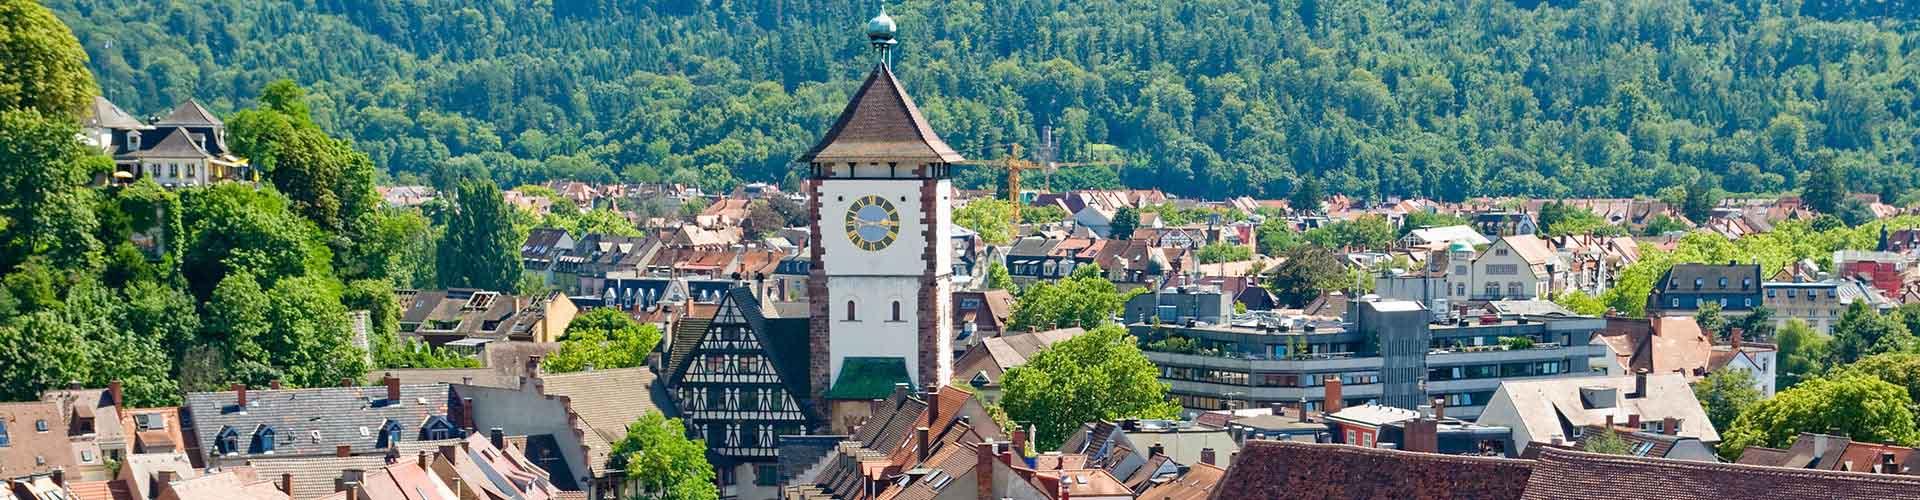 Friburgo - Hoteles baratos en Friburgo. Mapas de Friburgo, Fotos y comentarios de cada Hotel en Friburgo.